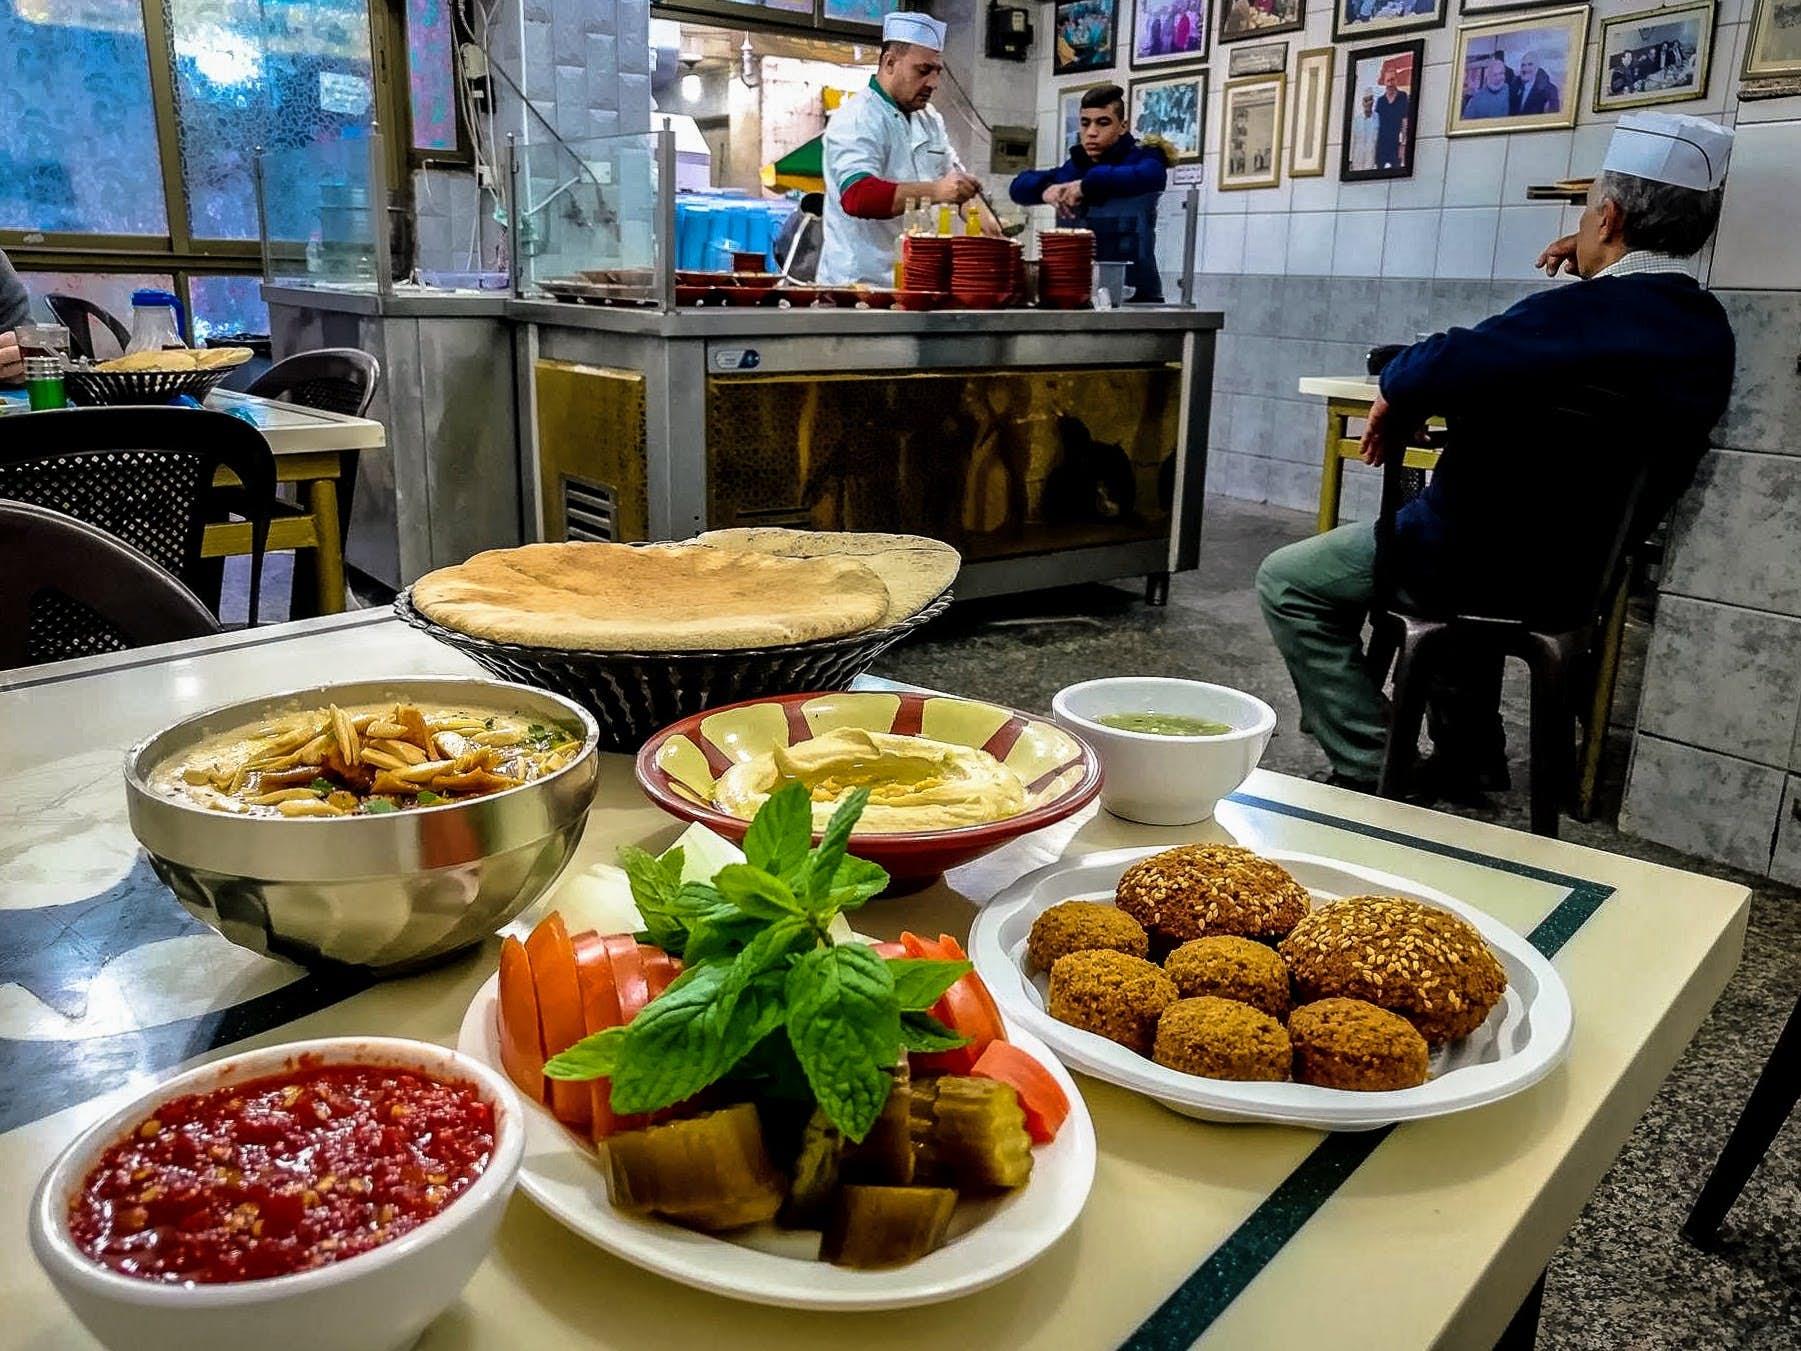 Tubería un millón Tiempo de día  Restaurants in Amman, Jordan - Lonely Planet